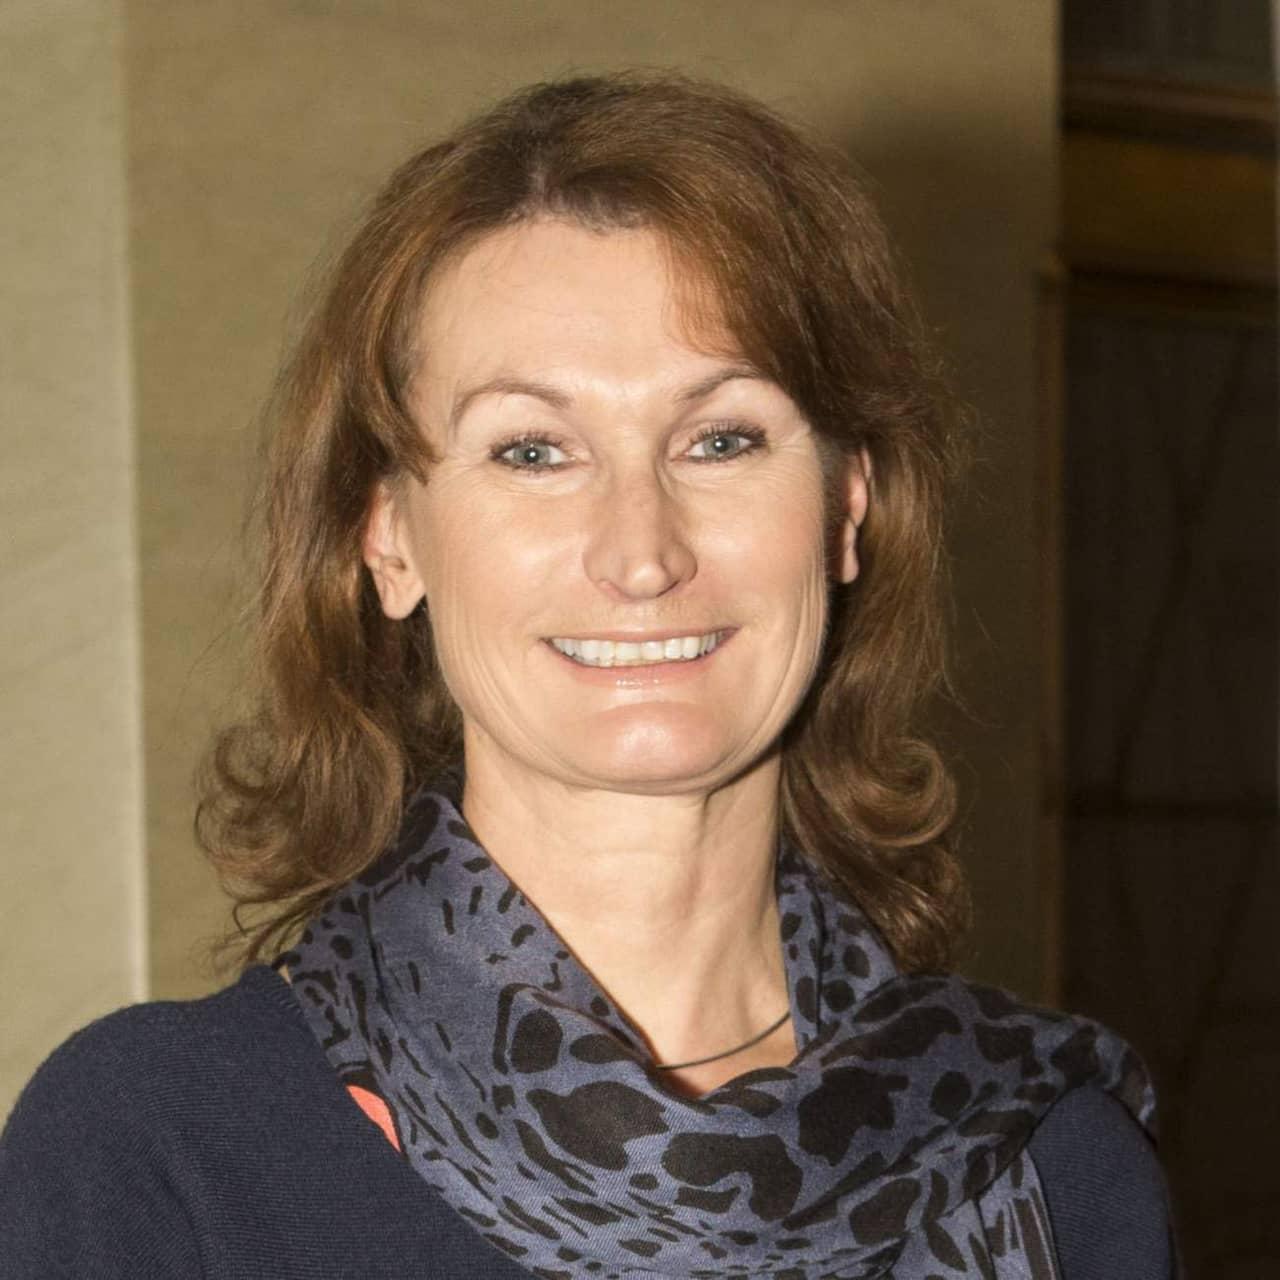 Original Sara Danius Nobel